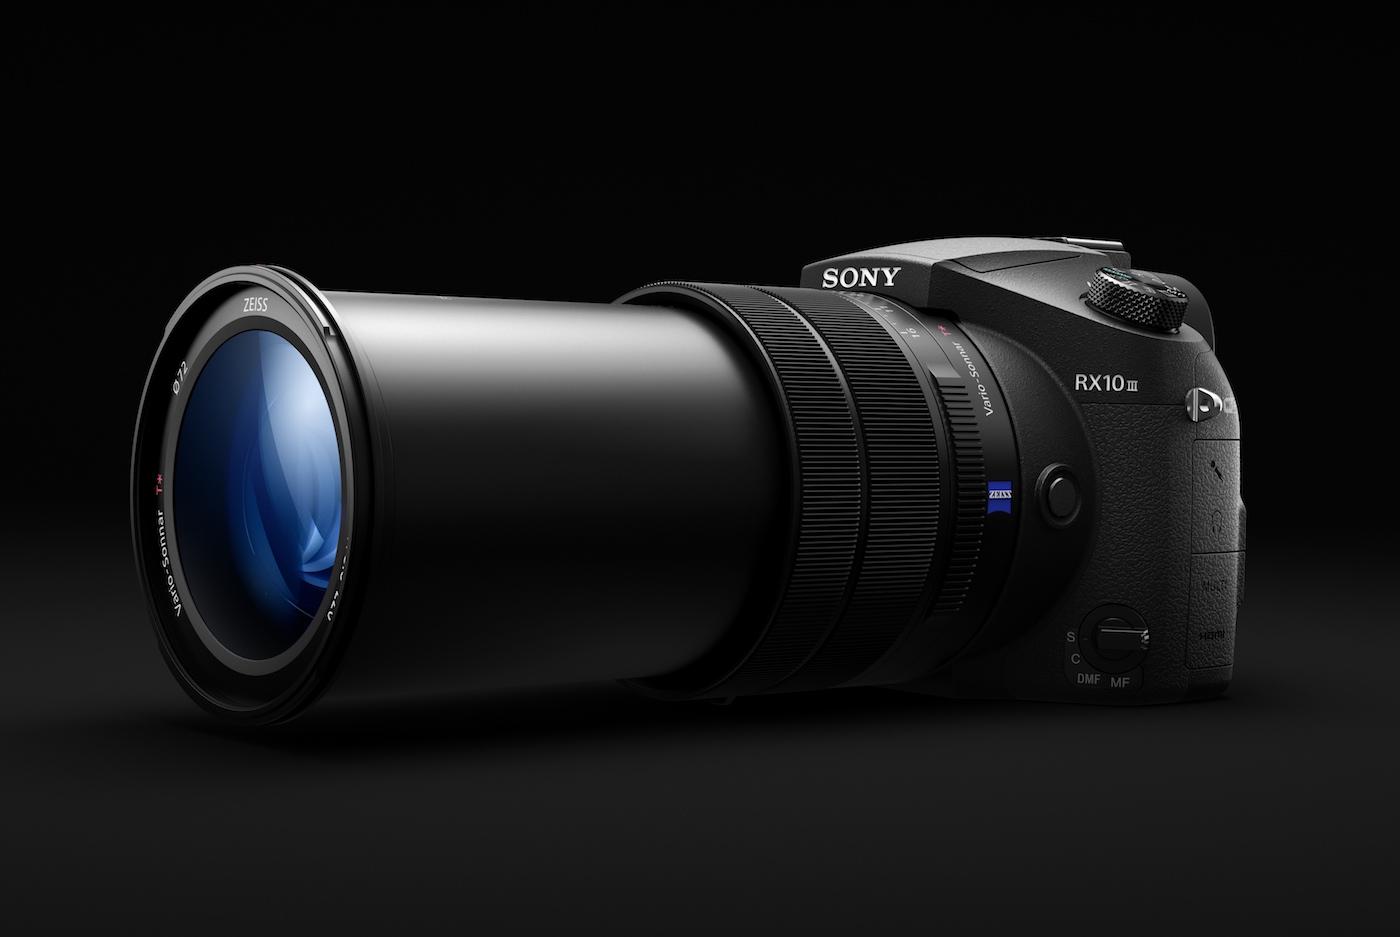 等效 600mm 望远的索尼 RX10M3 現身;FE 50mm f/1.8 定焦与更望远的新镜也登场